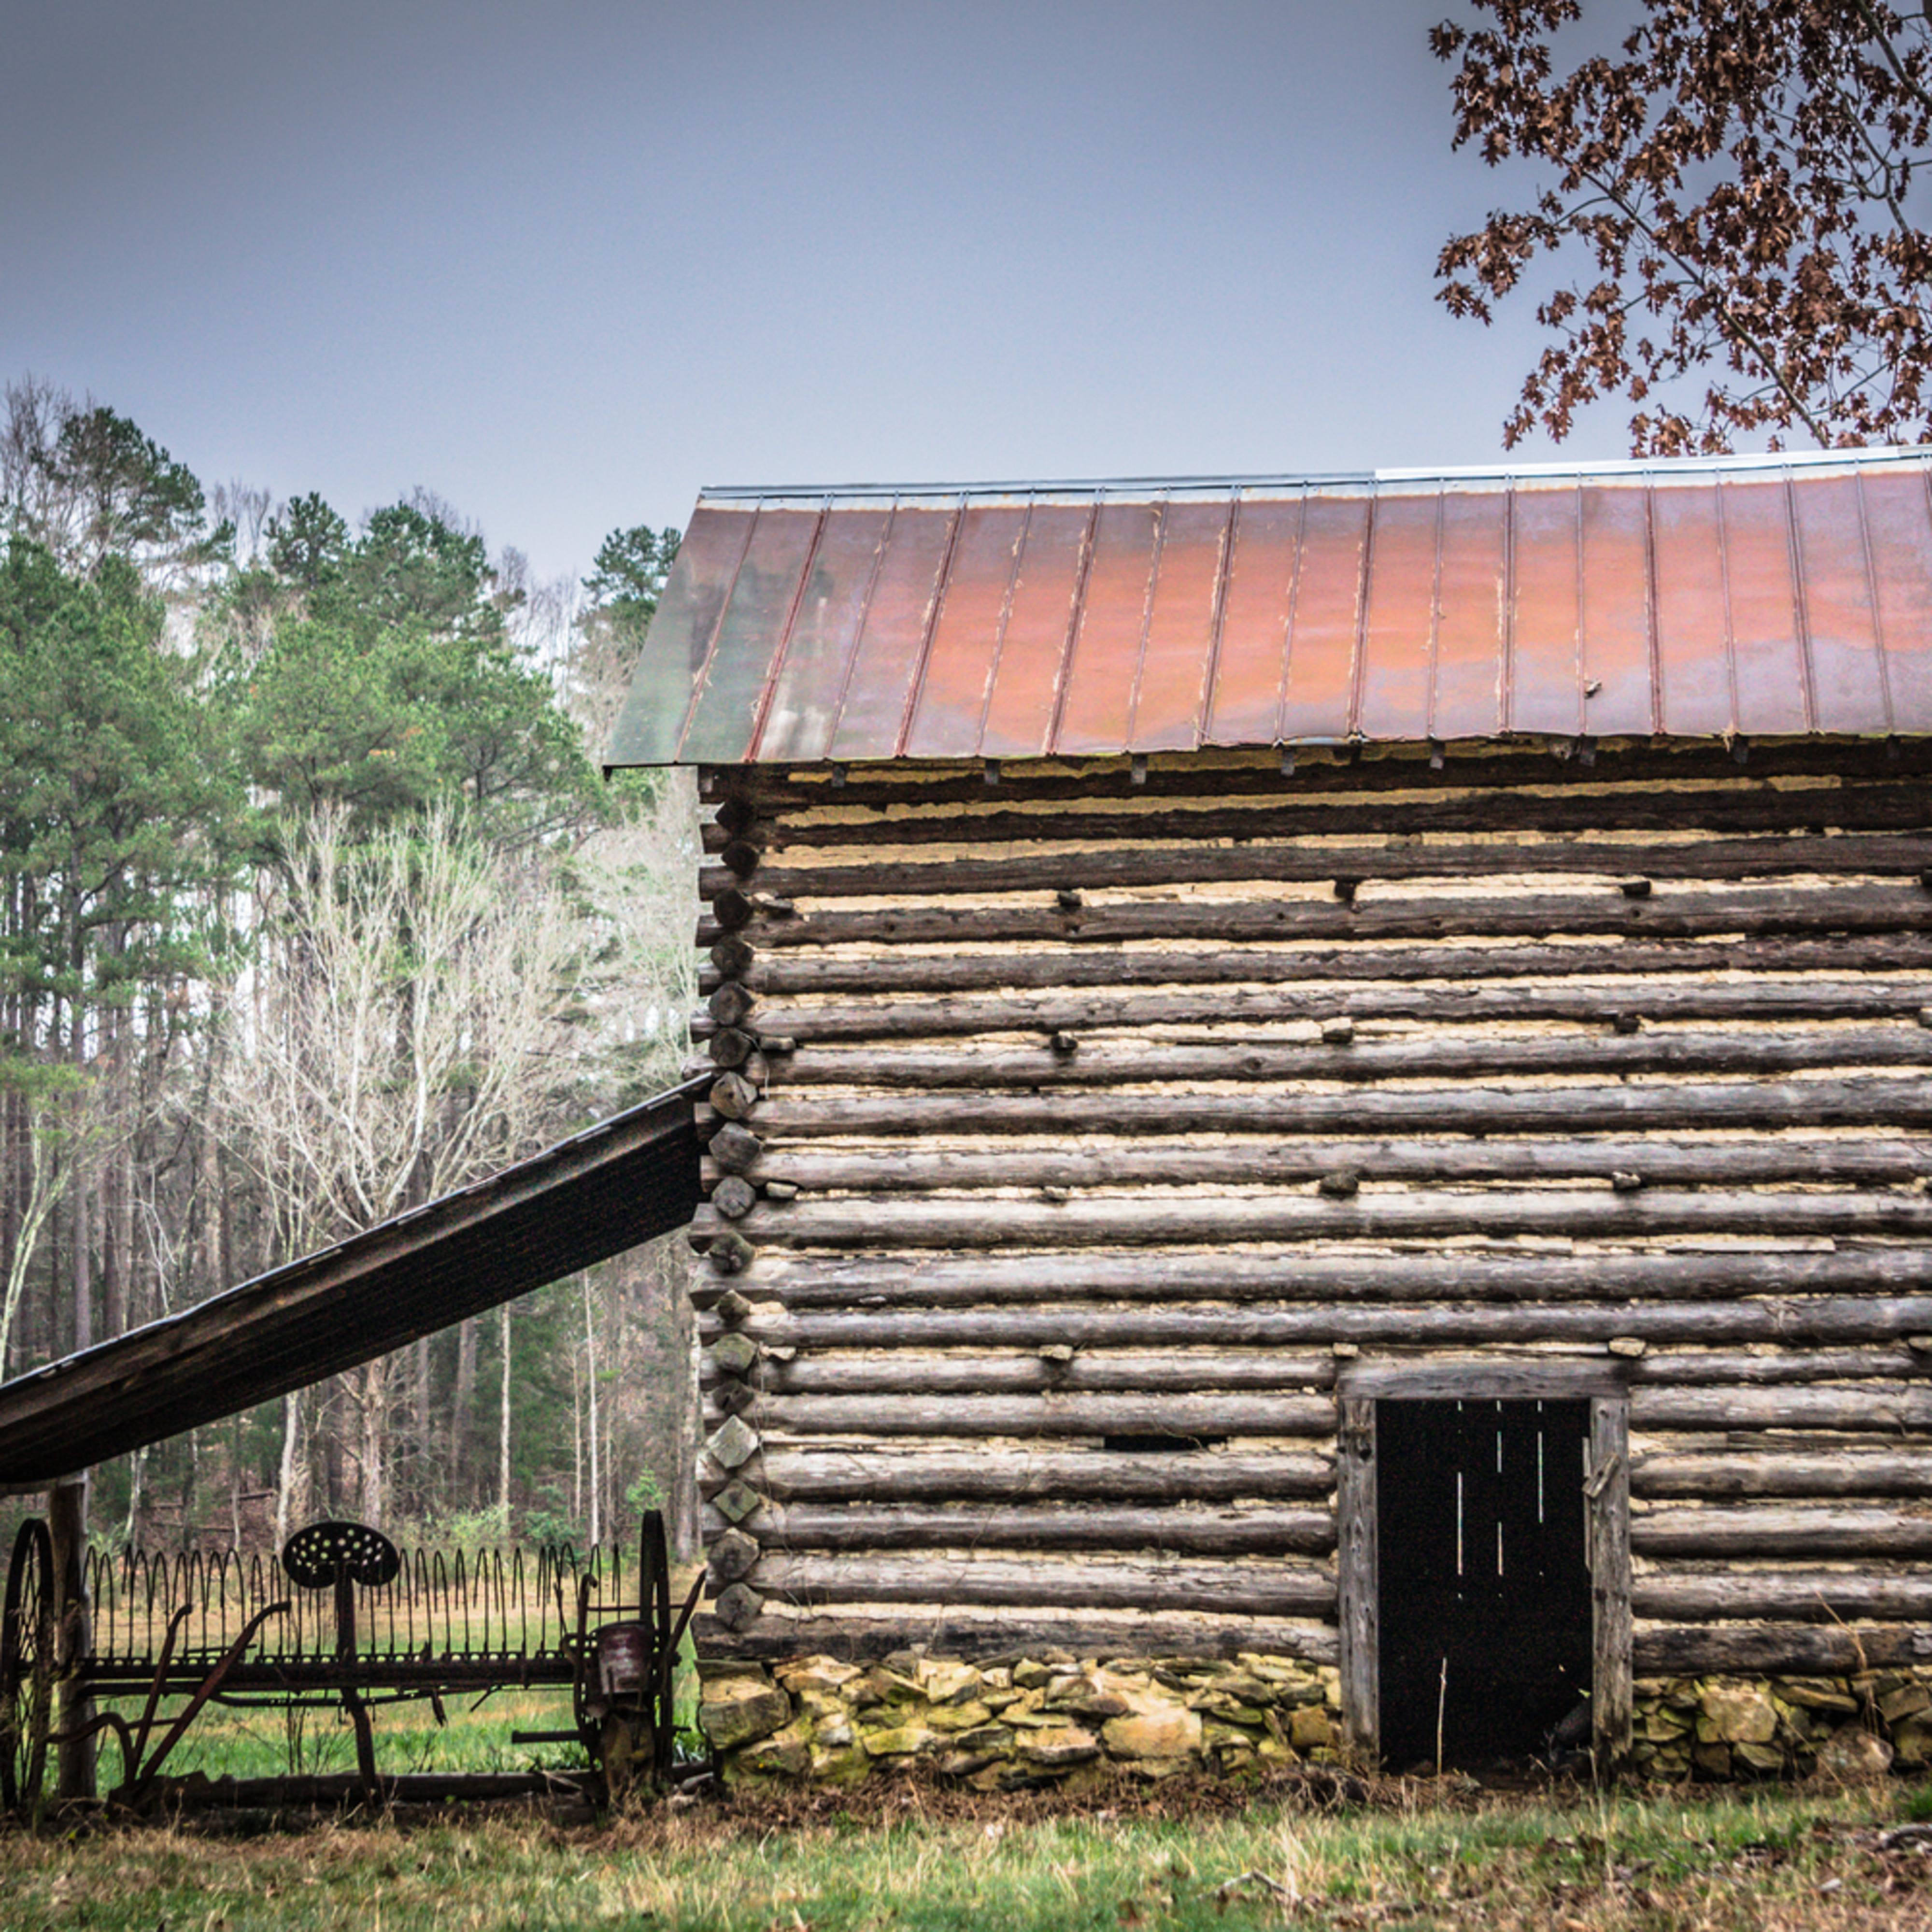 Granddaddys tobacco barn dsc04696 lg oqs3nt